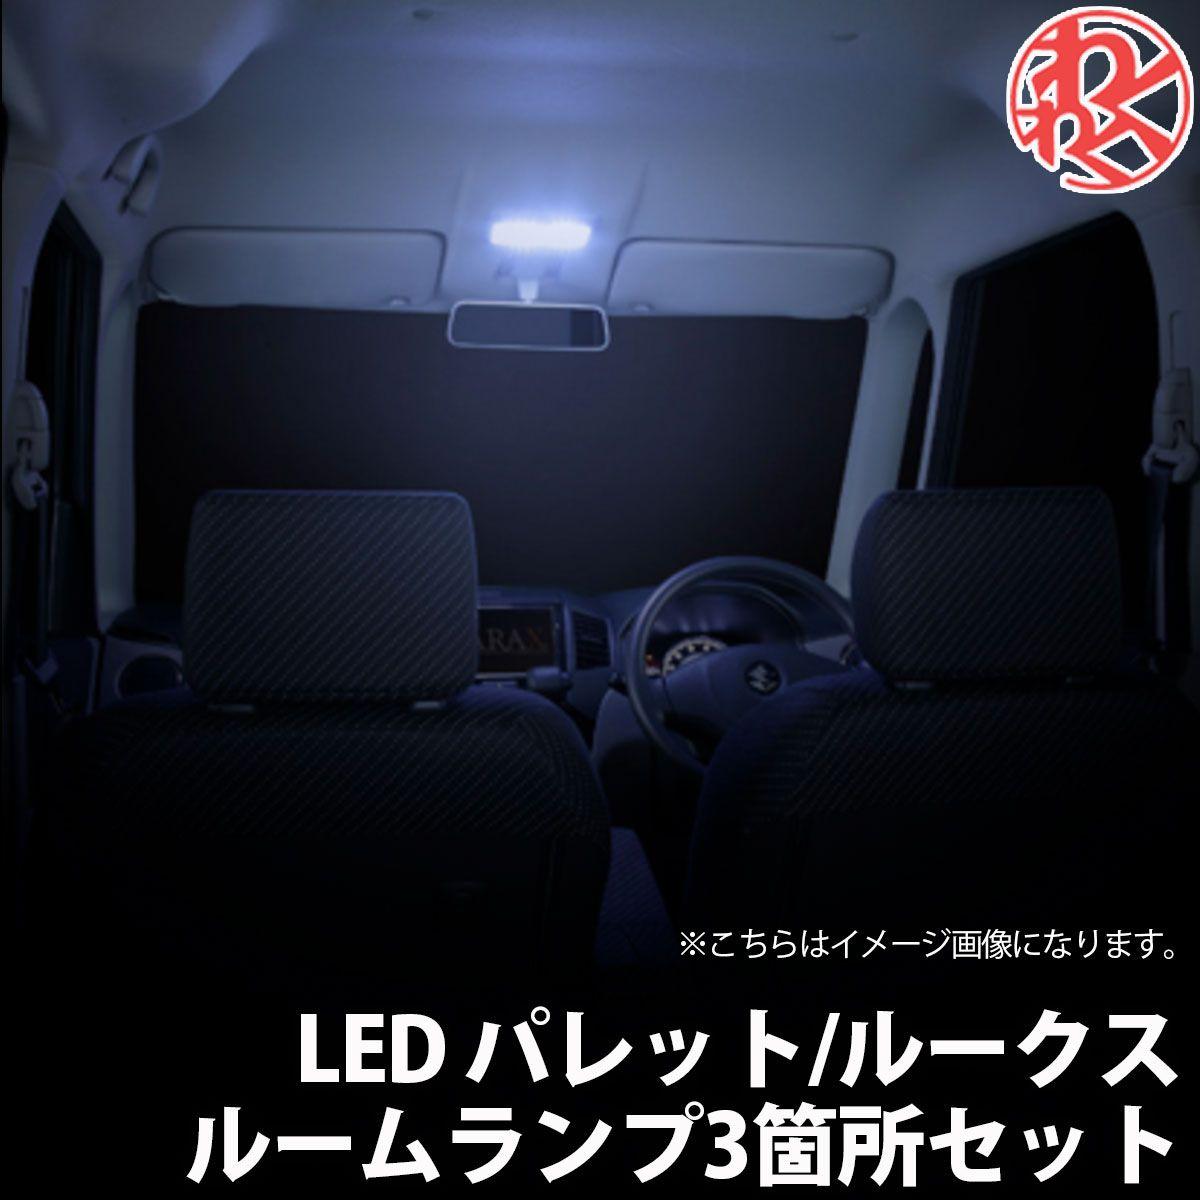 使い勝手の良い アウトレット品 GARAX ギャラクス K-SPEC LED パレット 送料無料でお届けします ML21S ルークス MK21S ルームランプセット